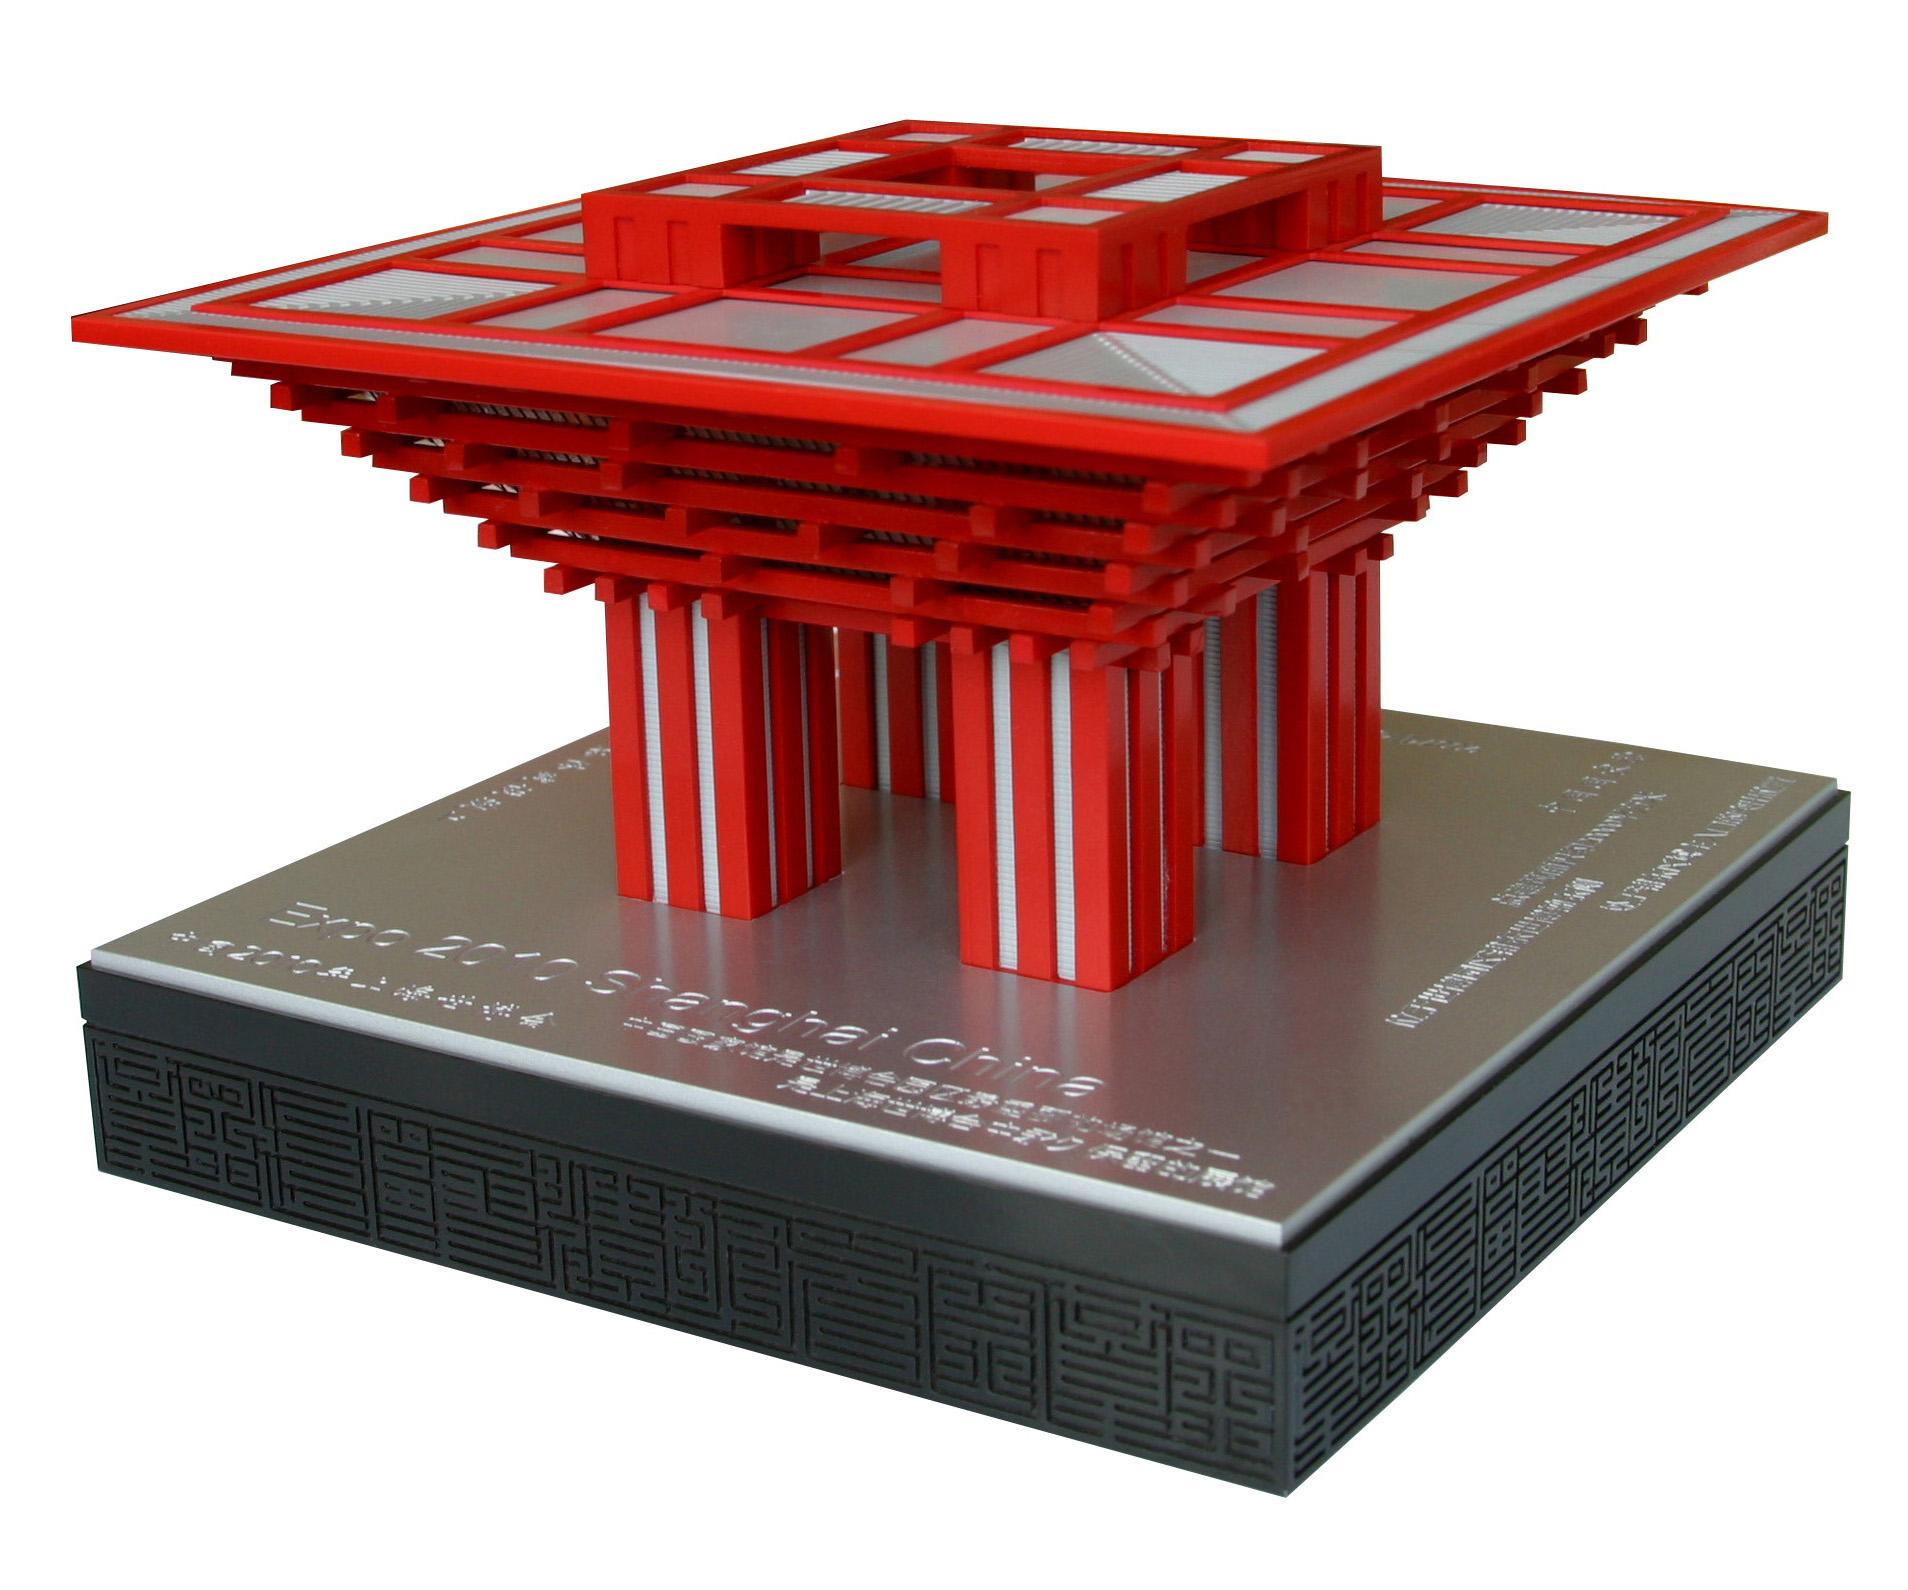 世博会中国馆拼装模型